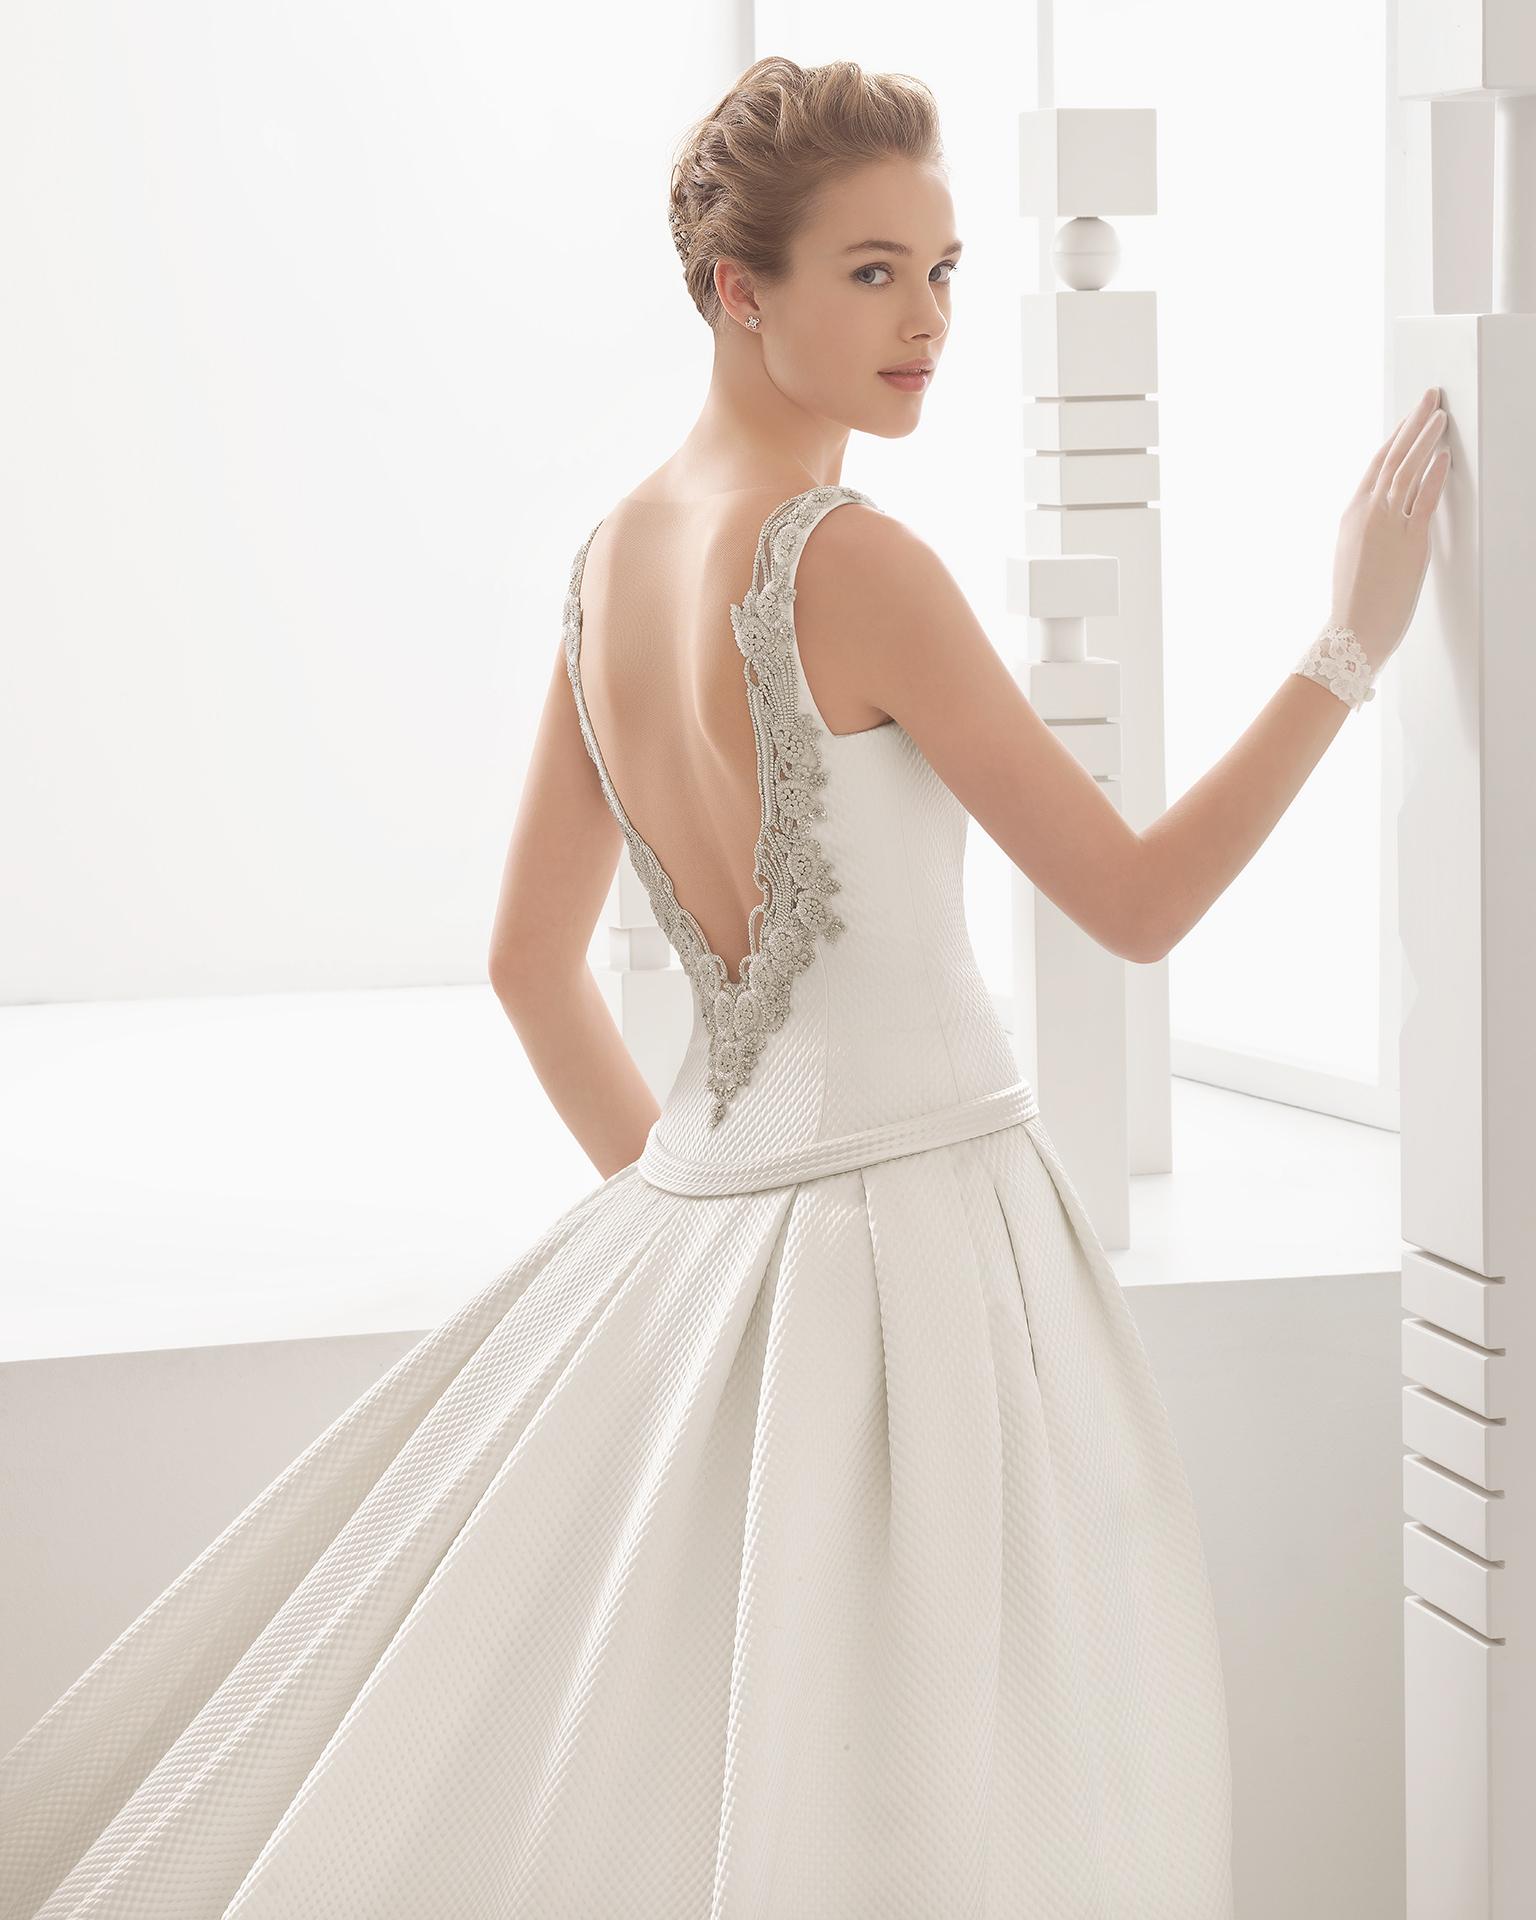 Nasia - 2017 Bridal Collection. Rosa Clará.